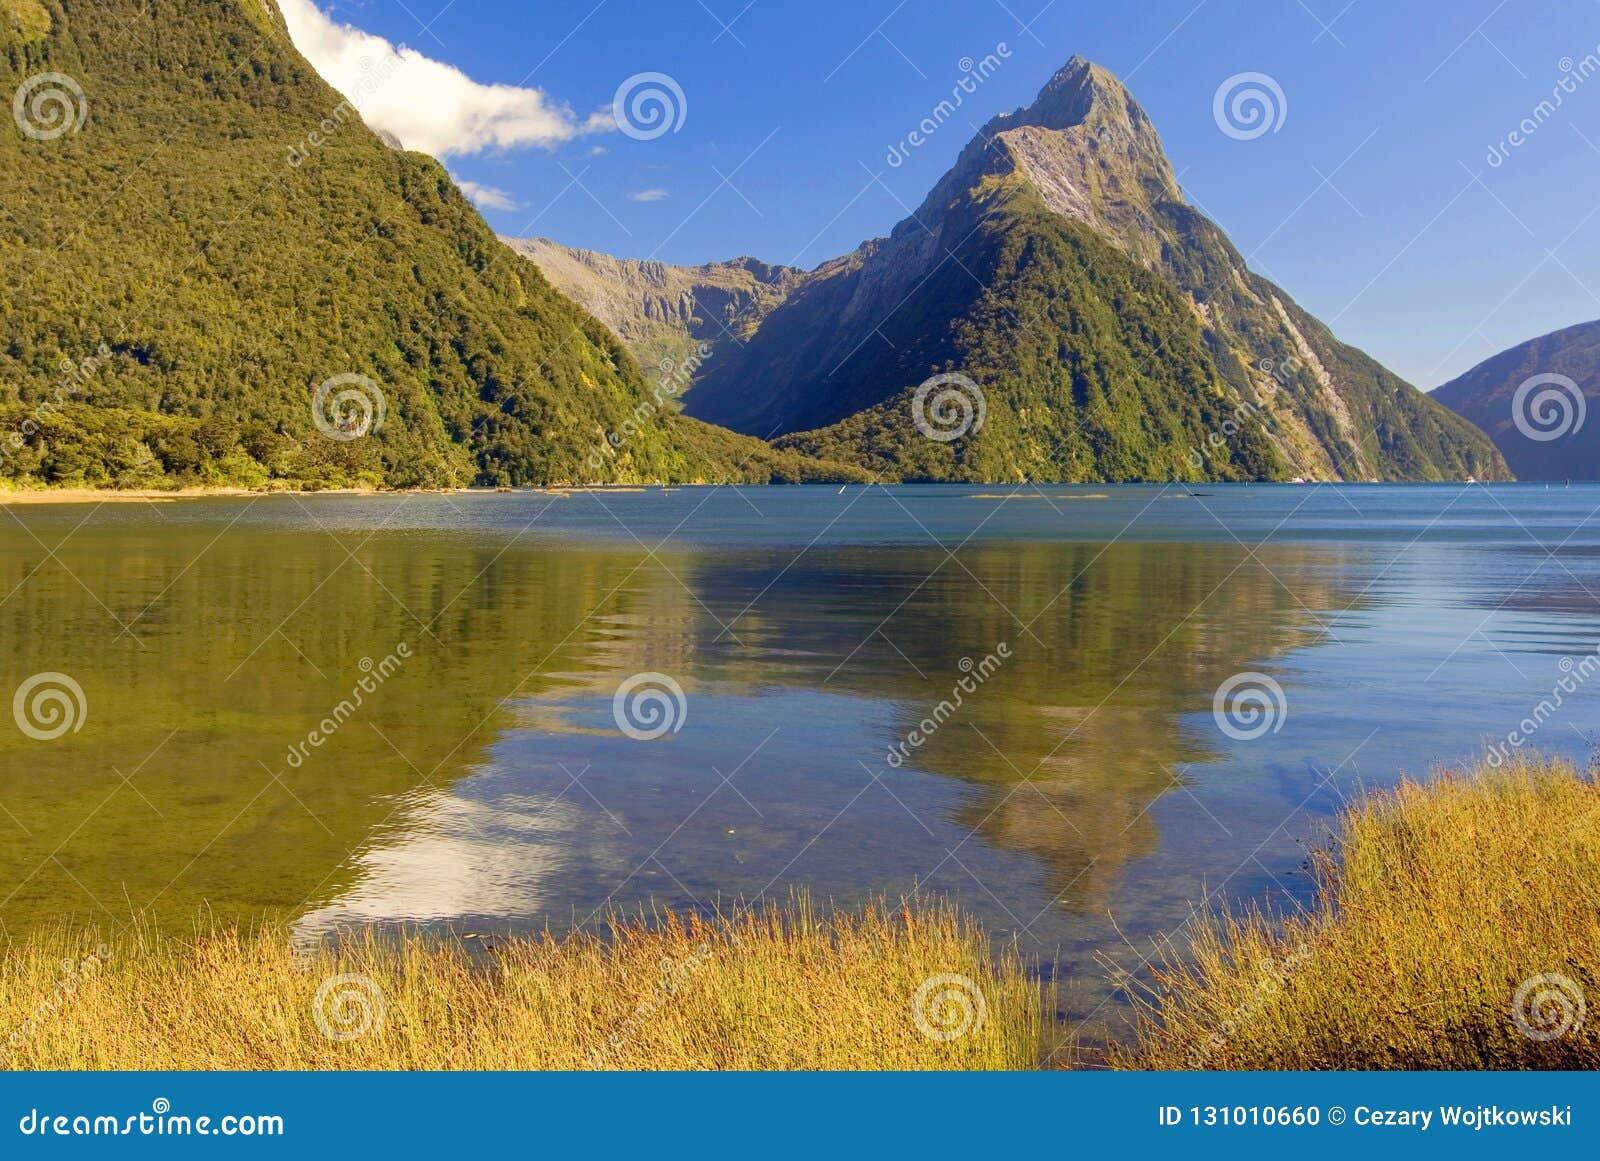 Picco del mitra in Milford Sound, parco nazionale di Fiordland, isola del sud, Nuova Zelanda